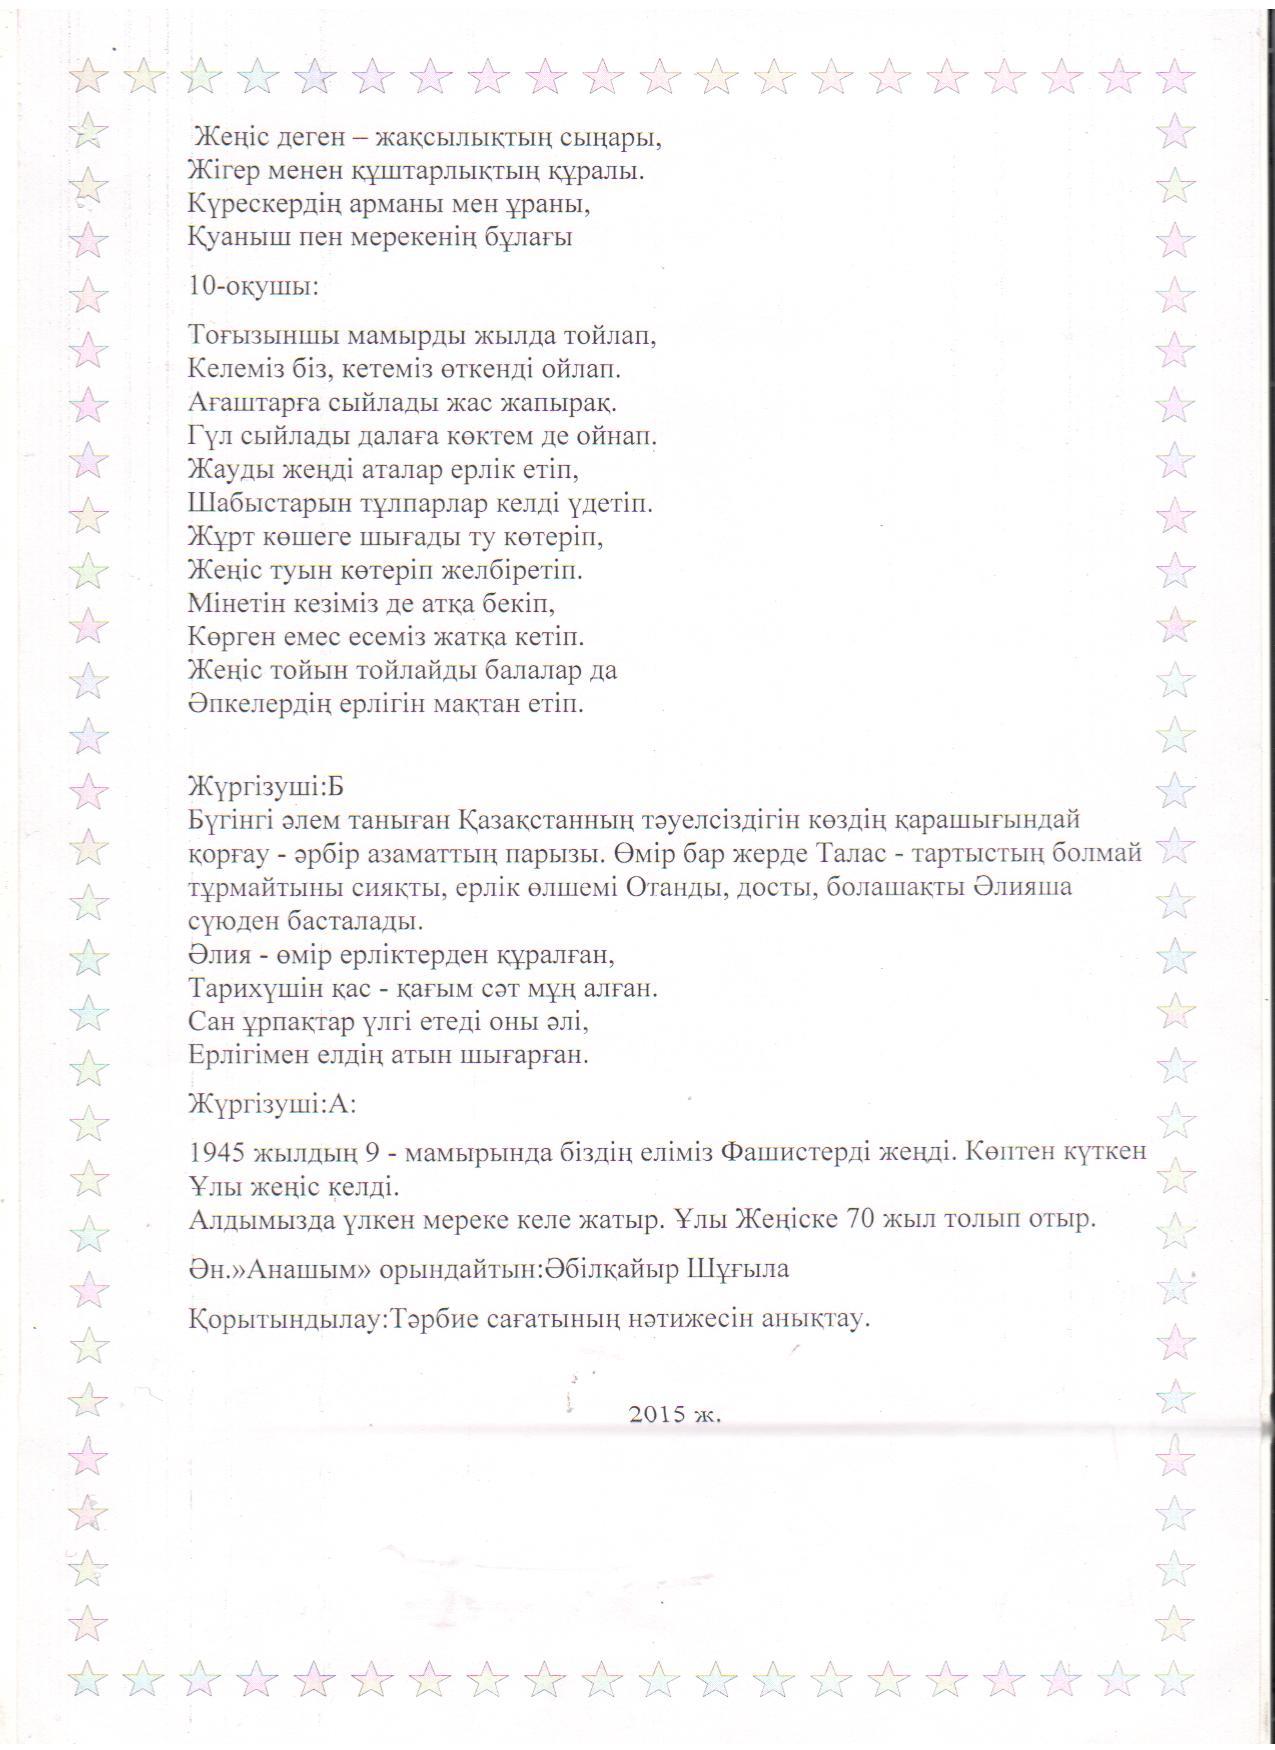 C:\Documents and Settings\User\Мои документы\Мои рисунки\2016-02-23, 1\1 007.jpg